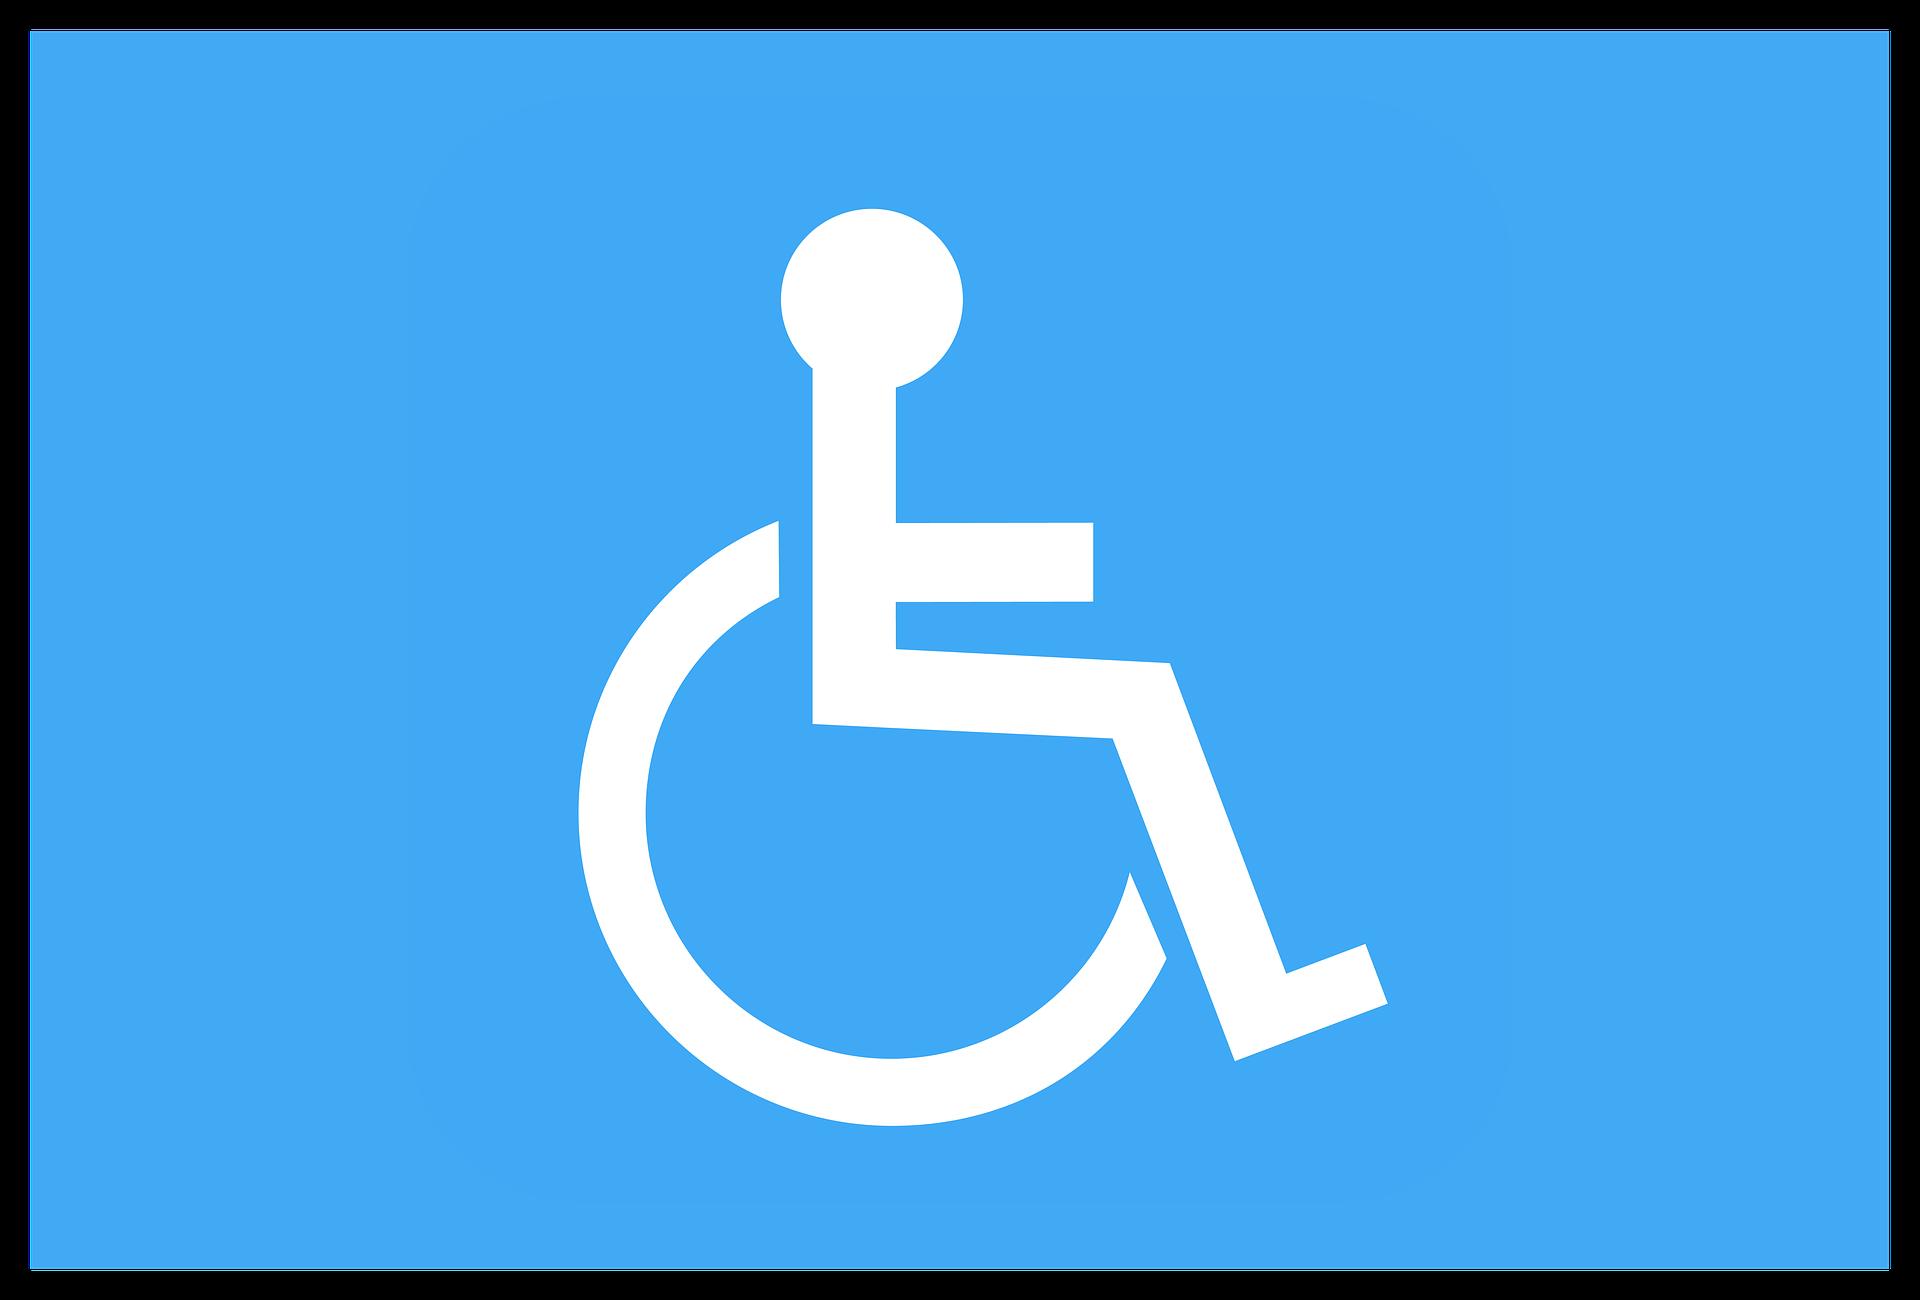 Qué es y cómo se obtiene el certificado de discapacidad